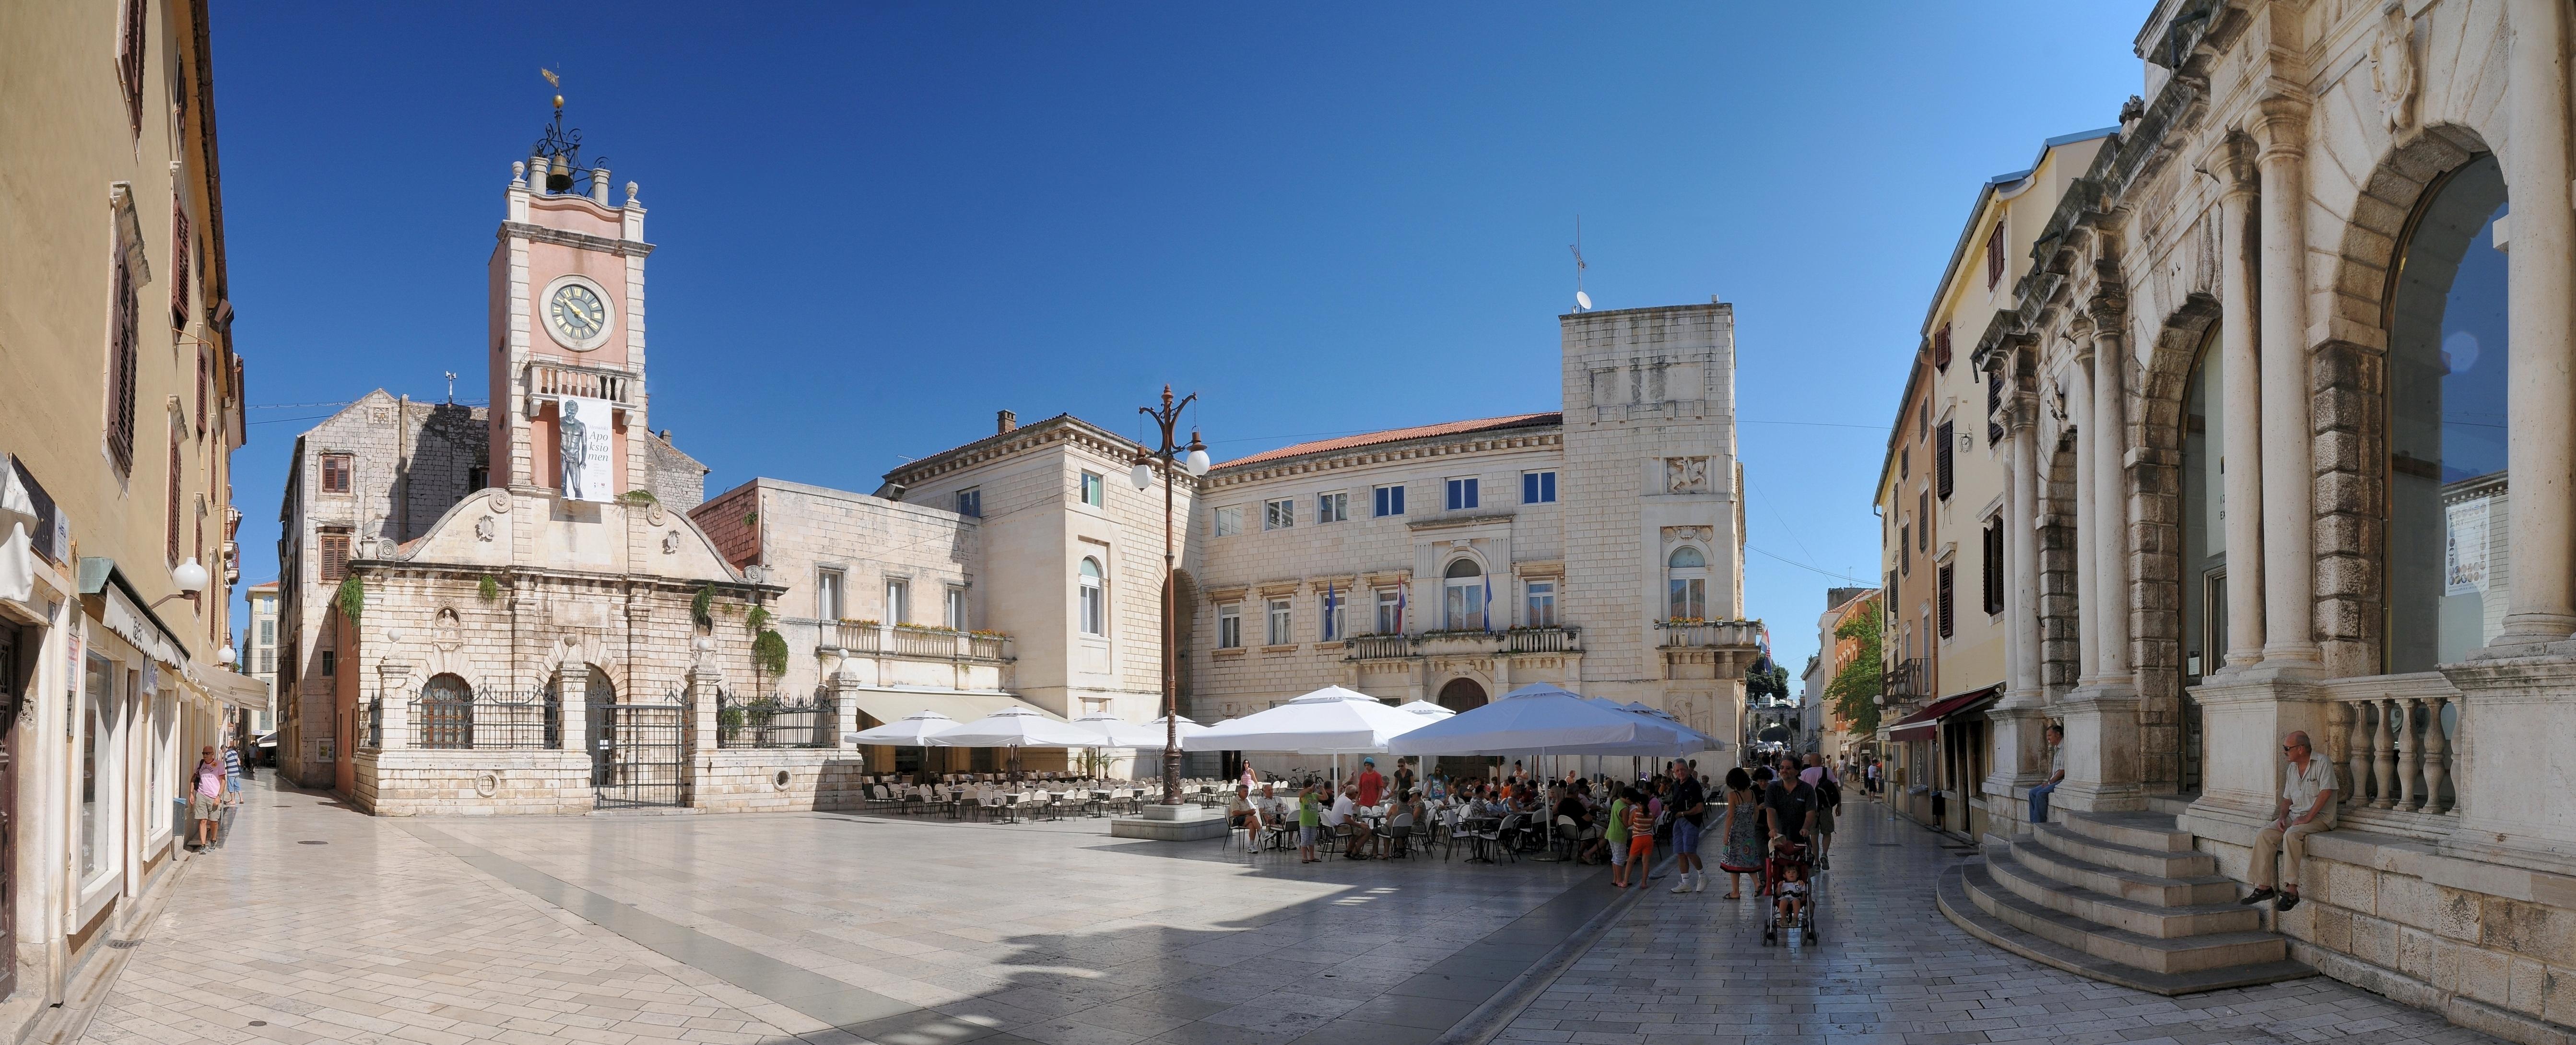 People`s Square, Zadar